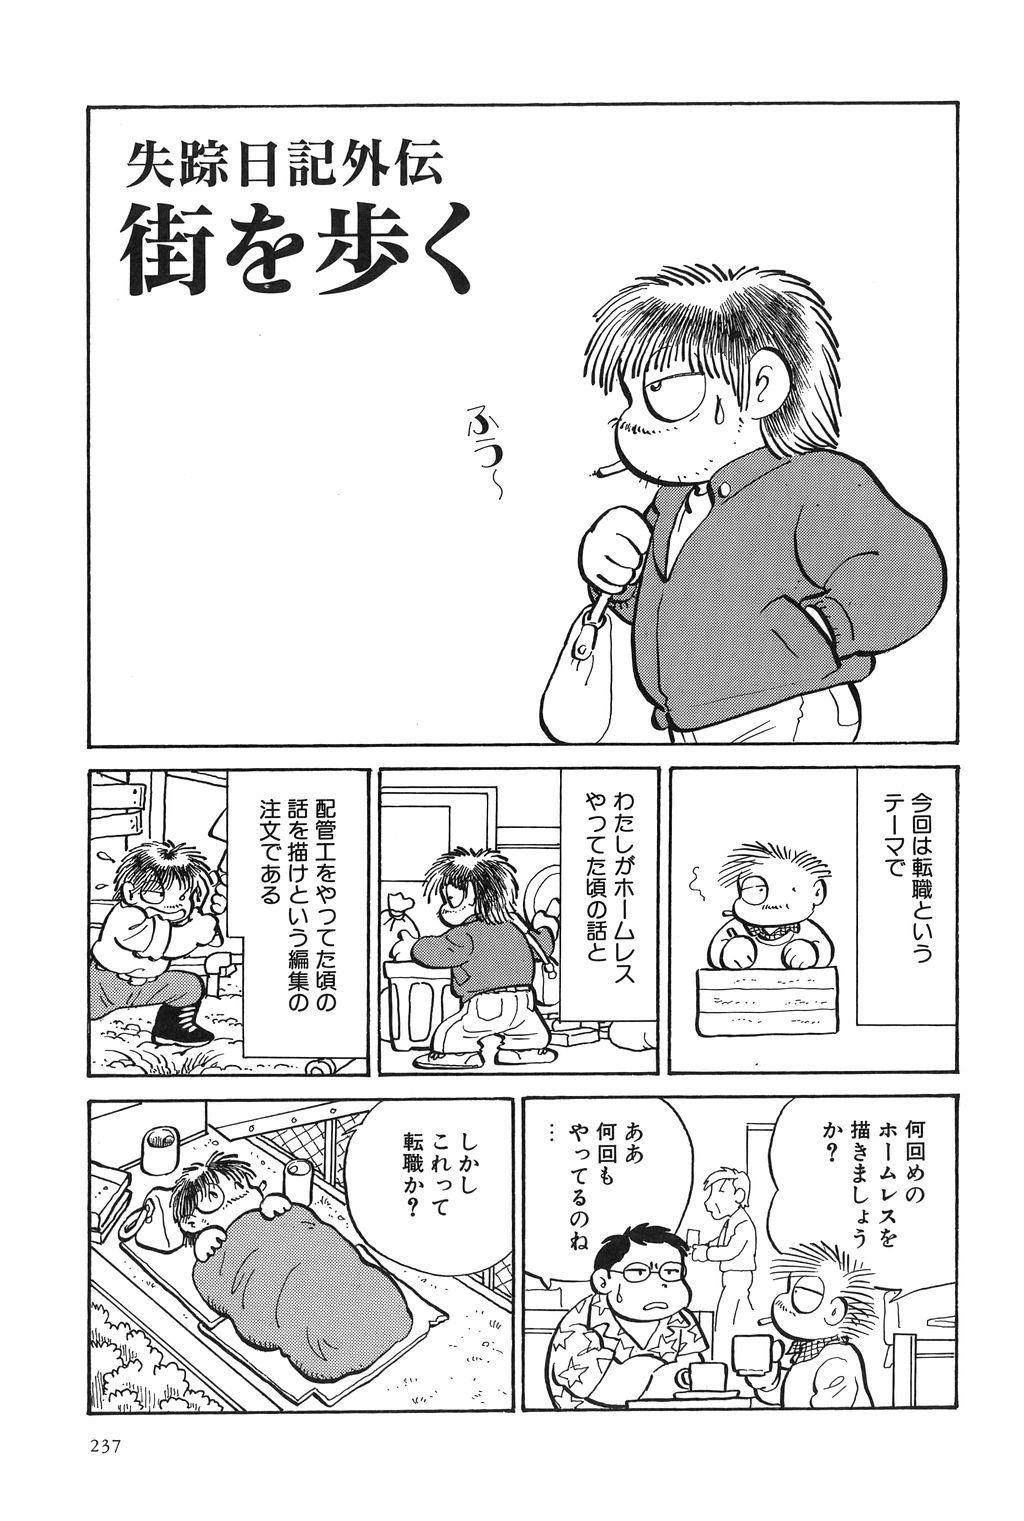 Azuma Hideo Sakuhin Shuusei - Yoru no Tobari no Naka de 239